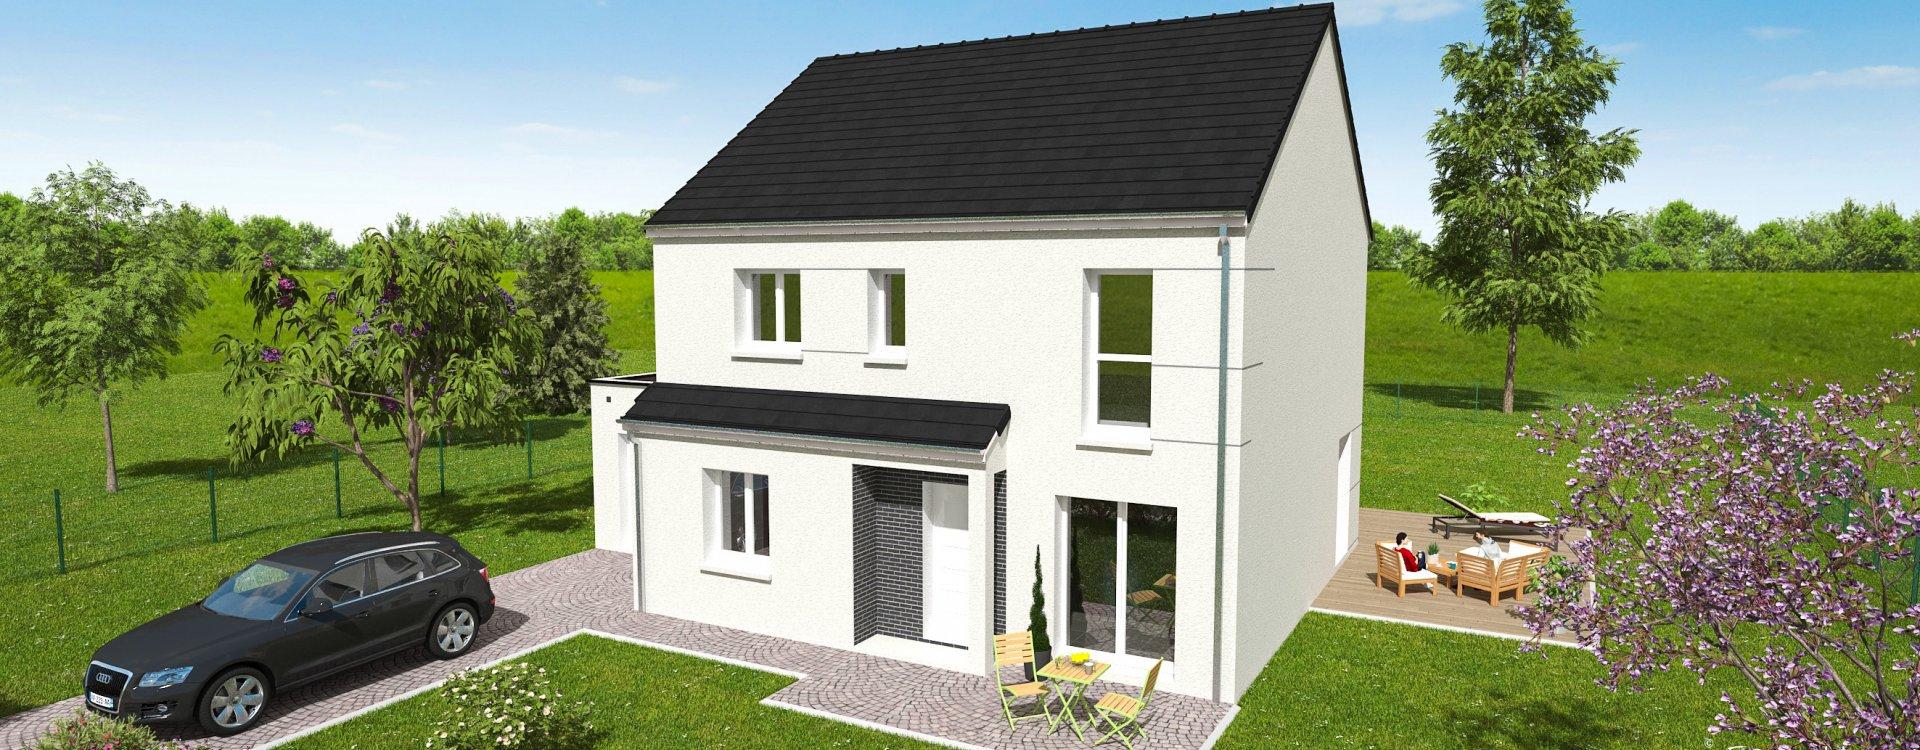 Maisons + Terrains du constructeur EASY HOUSE FRANCE • 132 m² • VENNECY